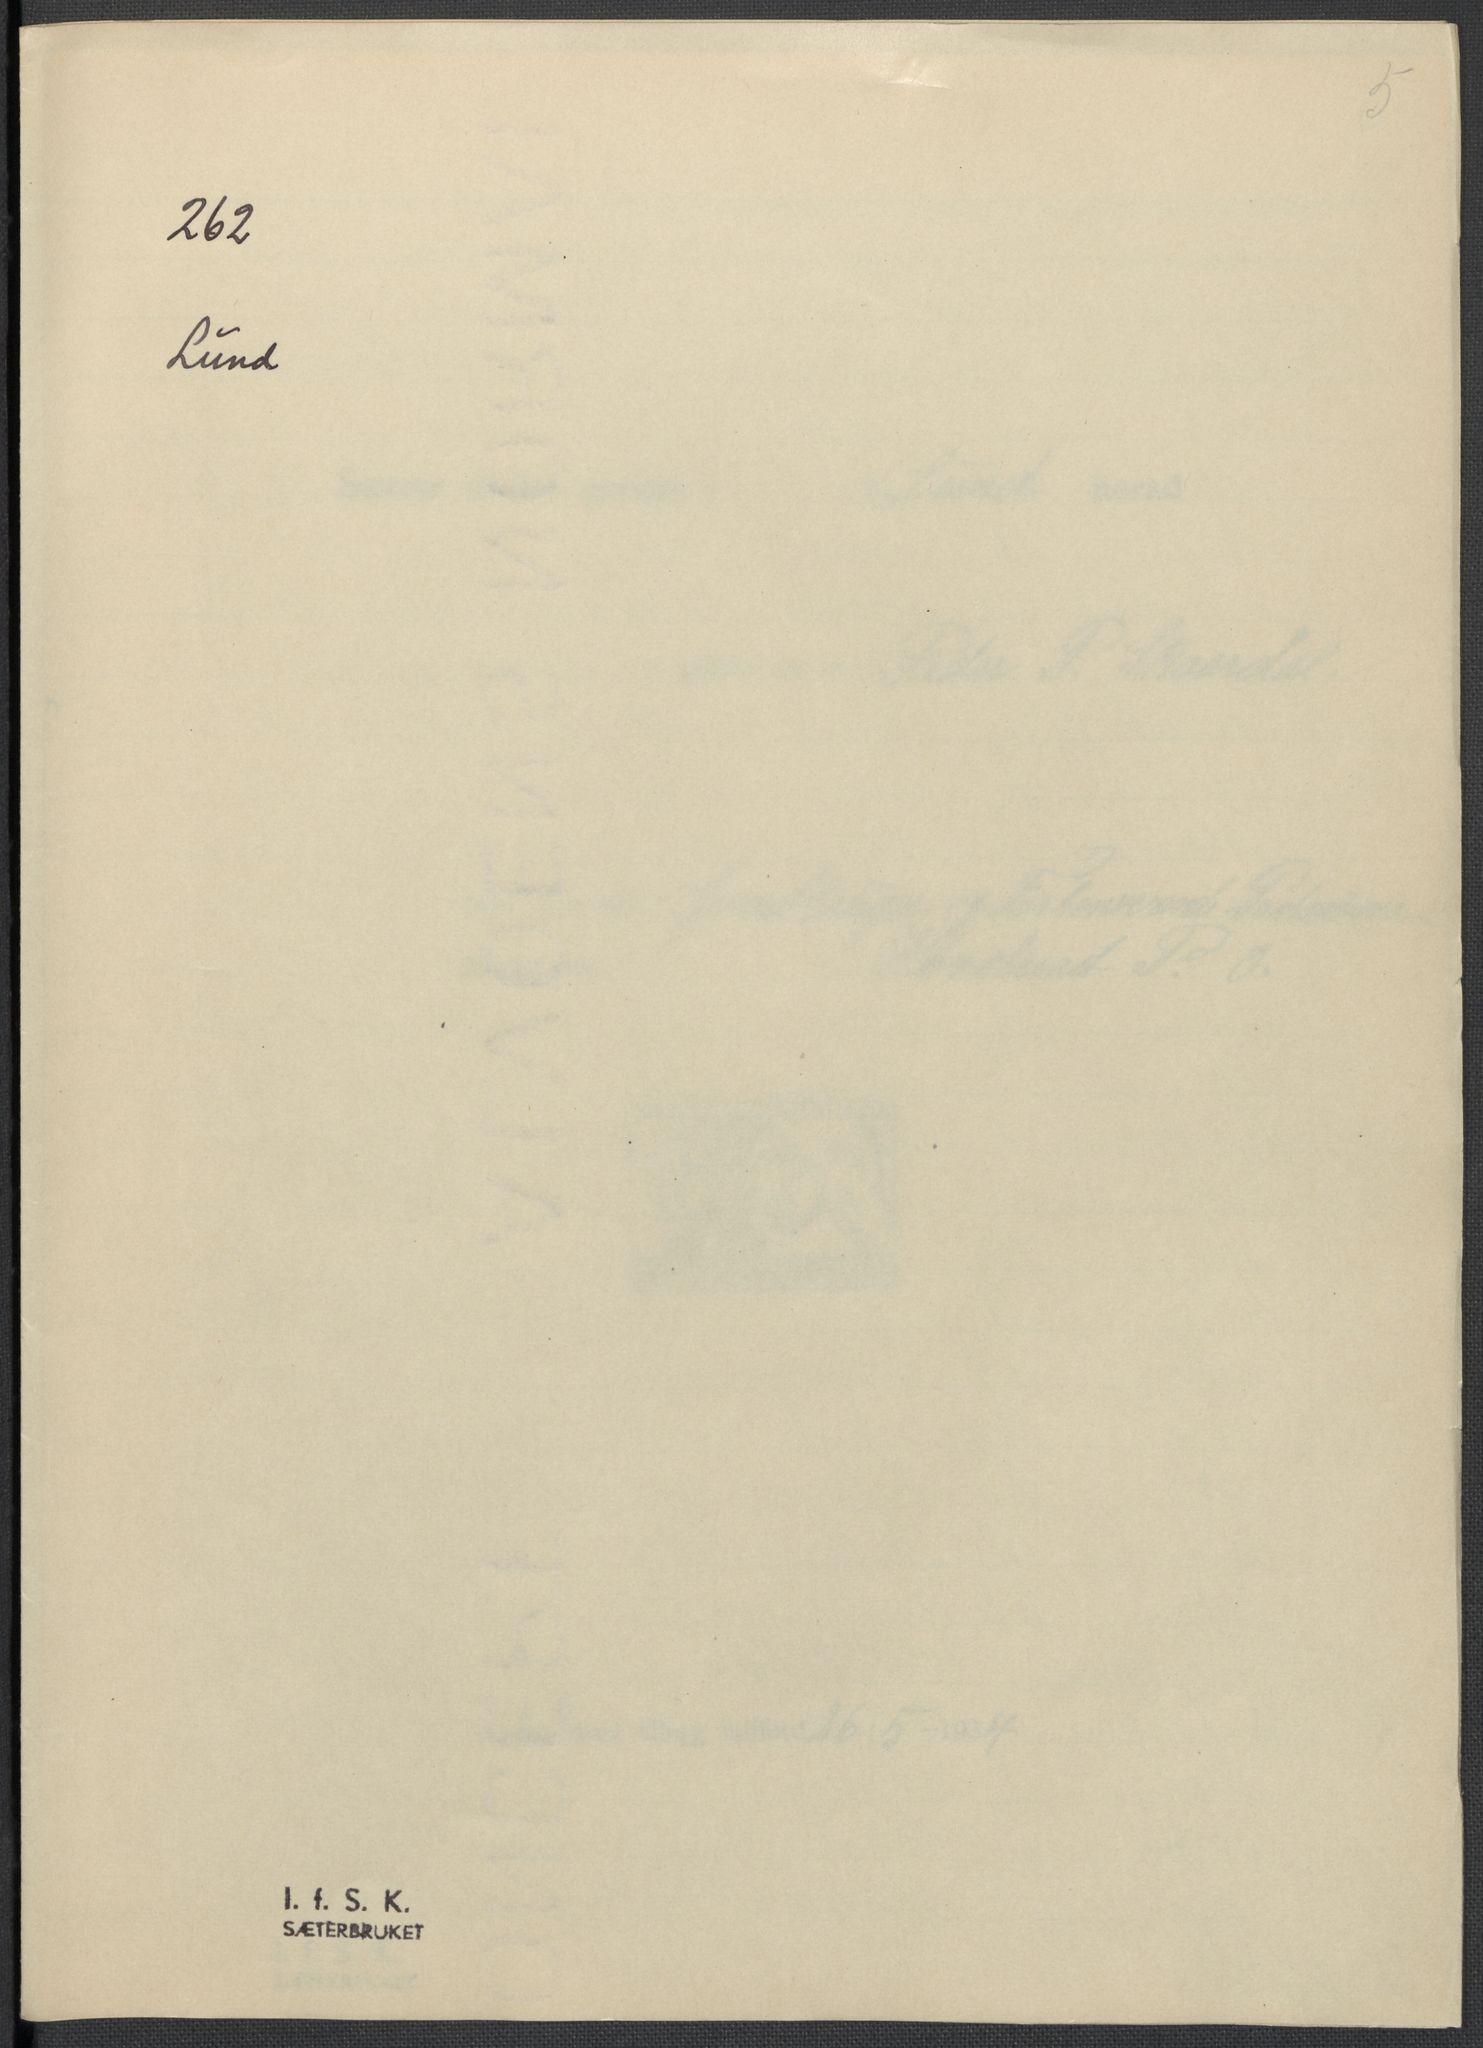 RA, Instituttet for sammenlignende kulturforskning, F/Fc/L0009: Eske B9:, 1932-1935, s. 5